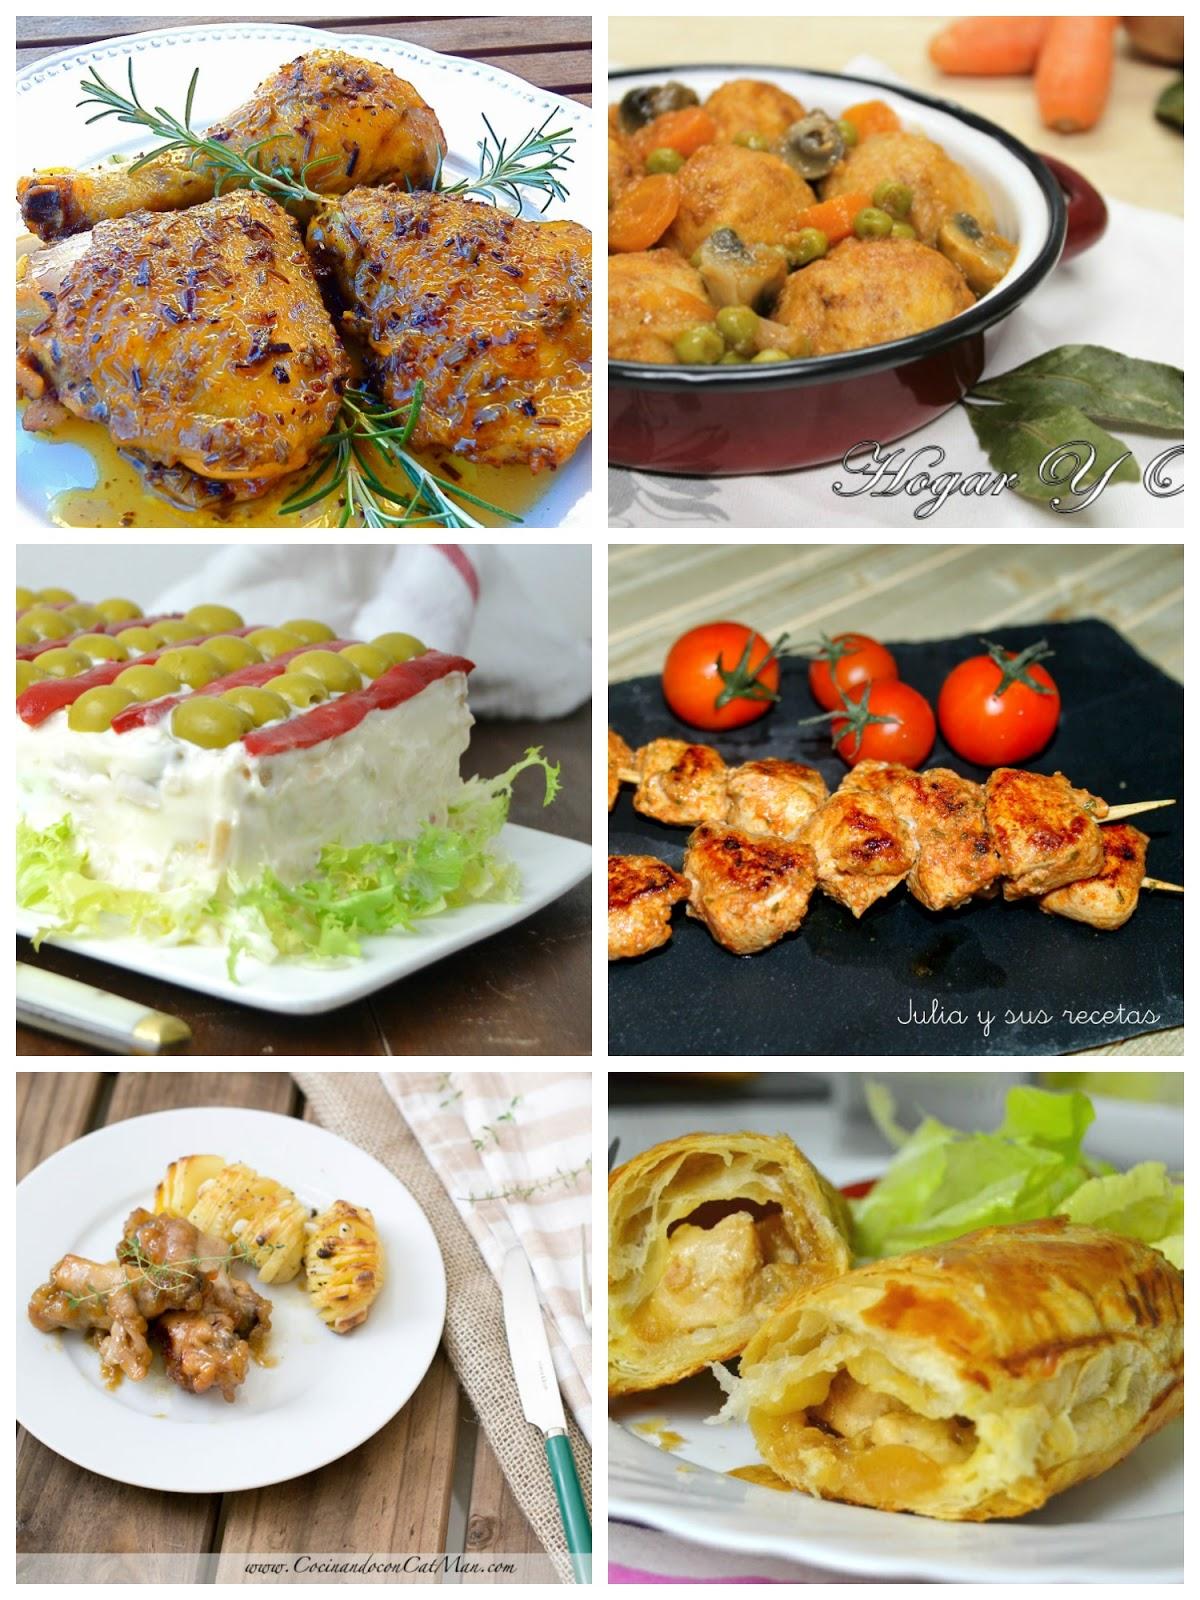 6 recetas f ciles con pollo cuuking recetas de cocina - Comidas con pollo faciles ...